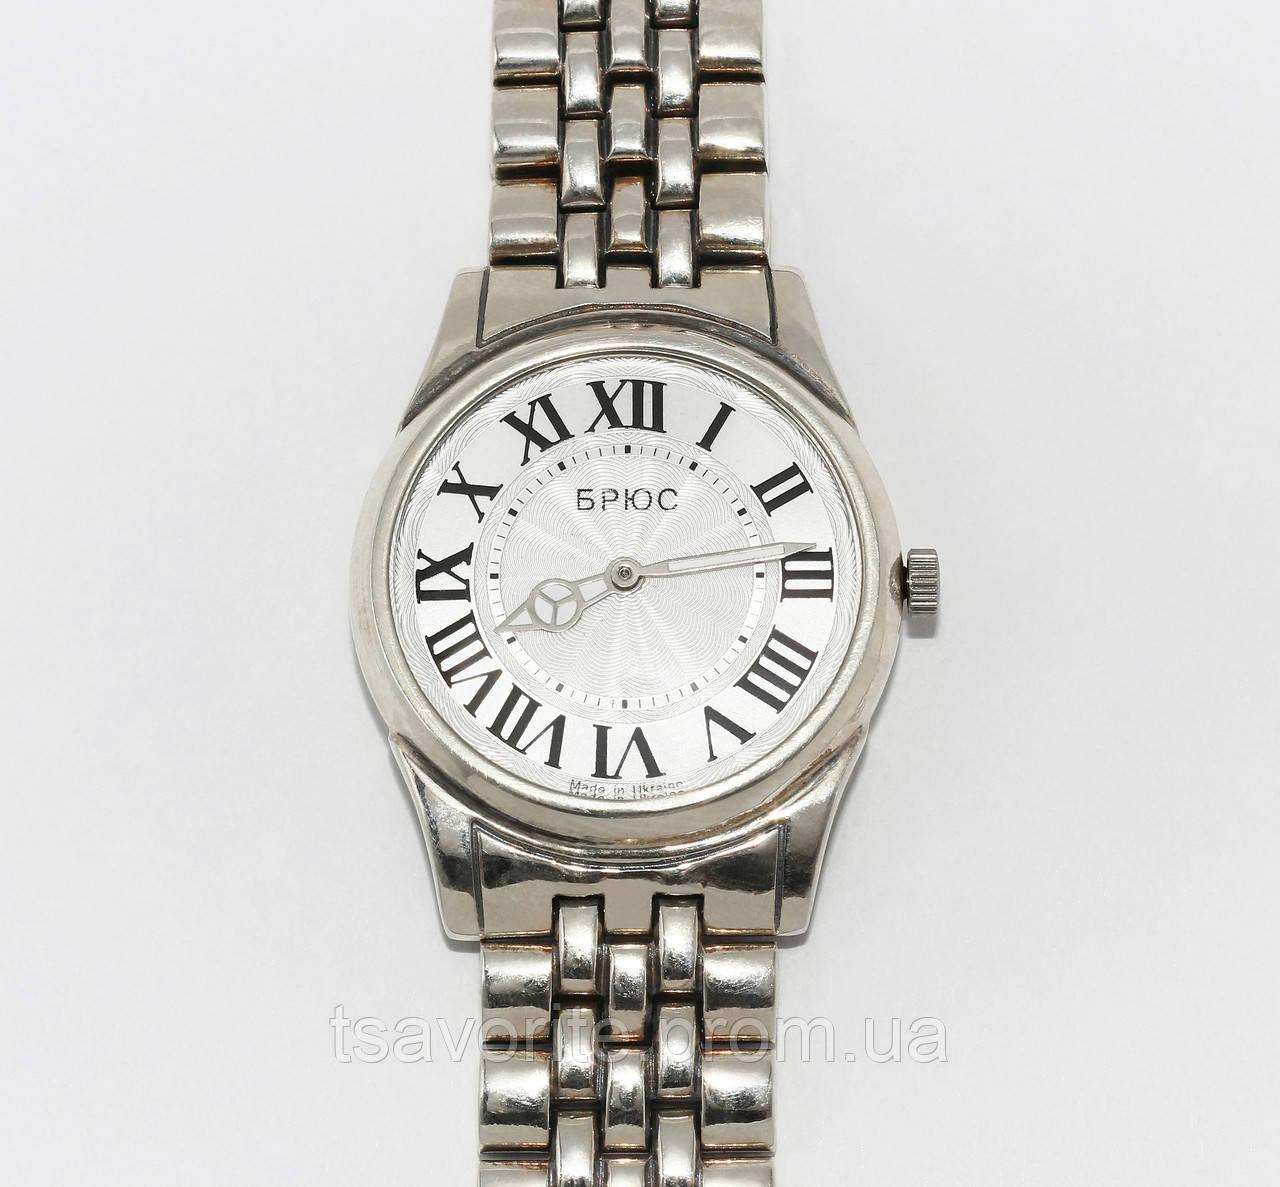 Купить серебряные часы в интернет магазине часы наручные мужские во сне